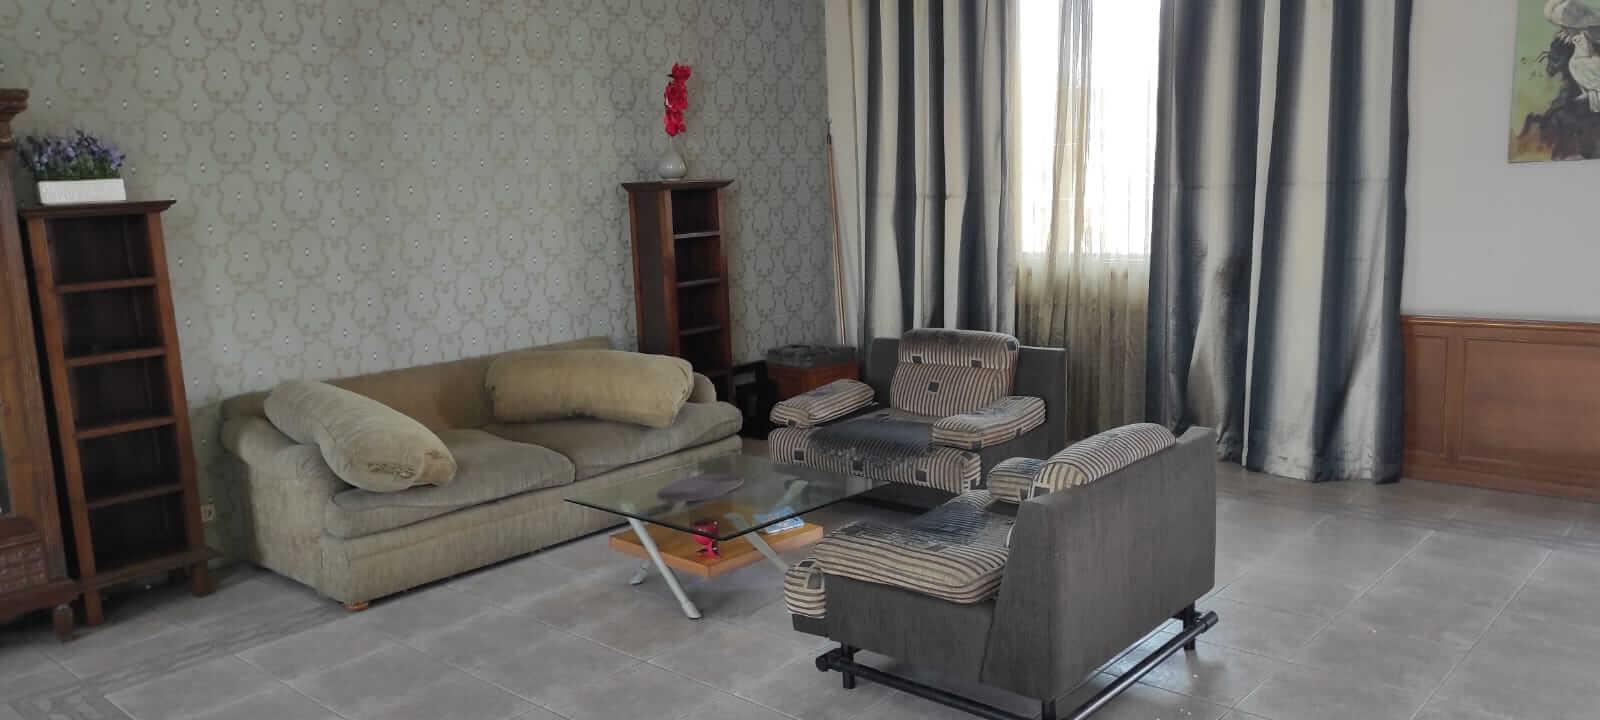 ruang kumpul villa andaru gerlong bandung